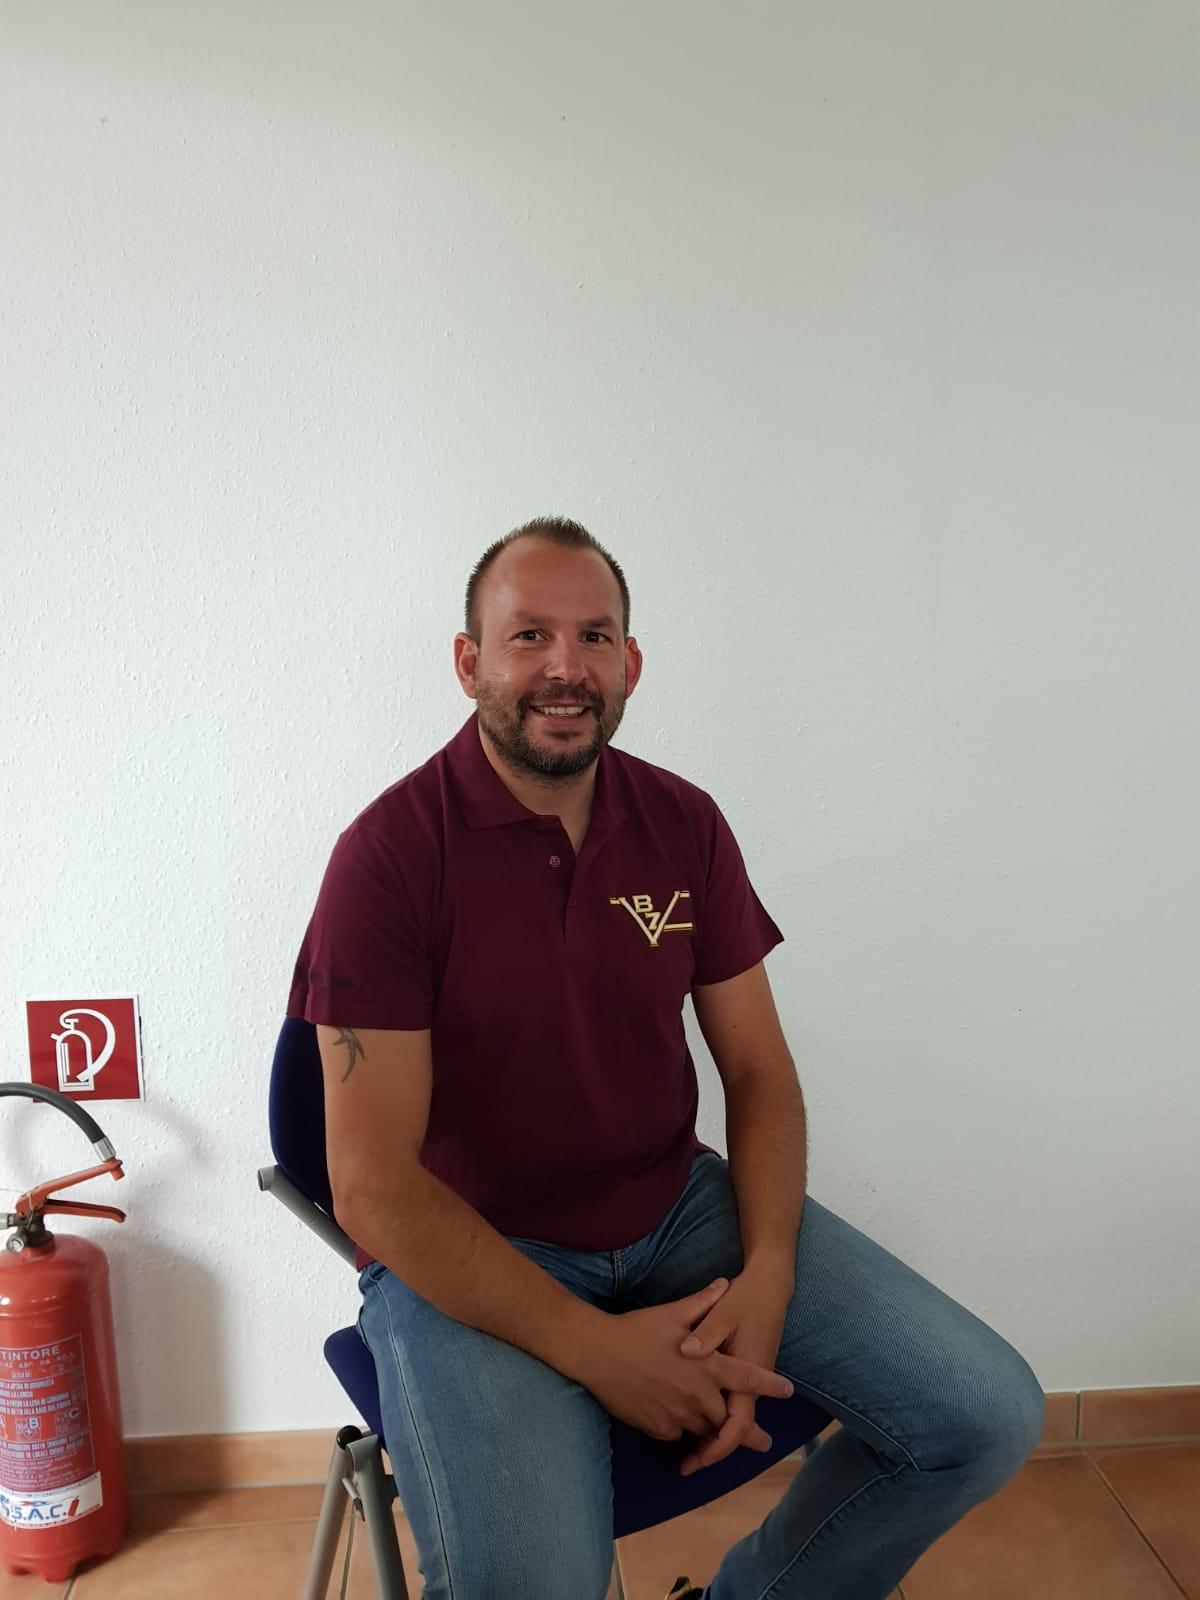 Team VBZ - Stefan Madlener